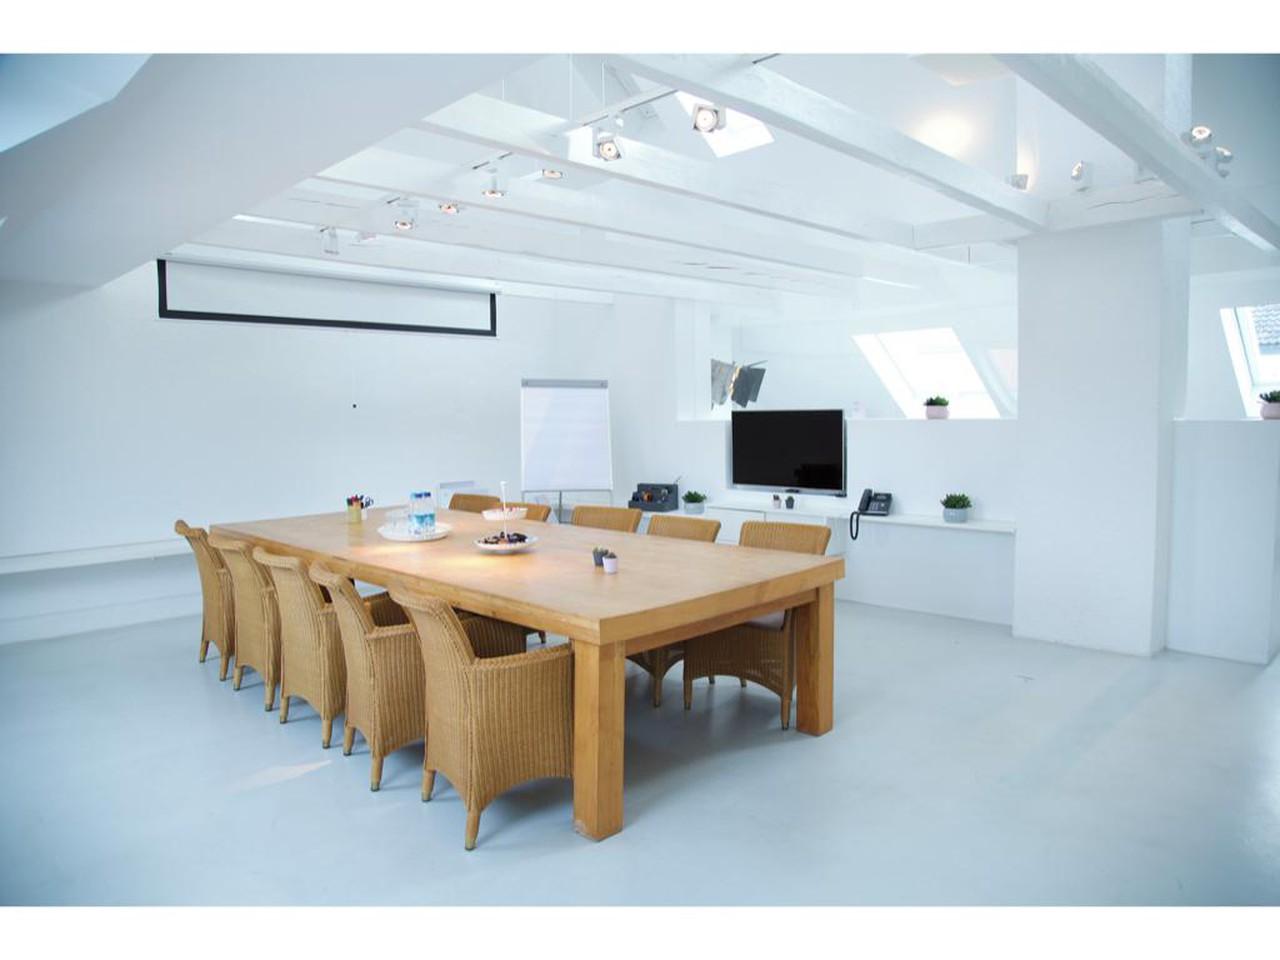 Munich  Salle de réunion Inspirierender Veranstaltungsraum im Herzen von München image 0